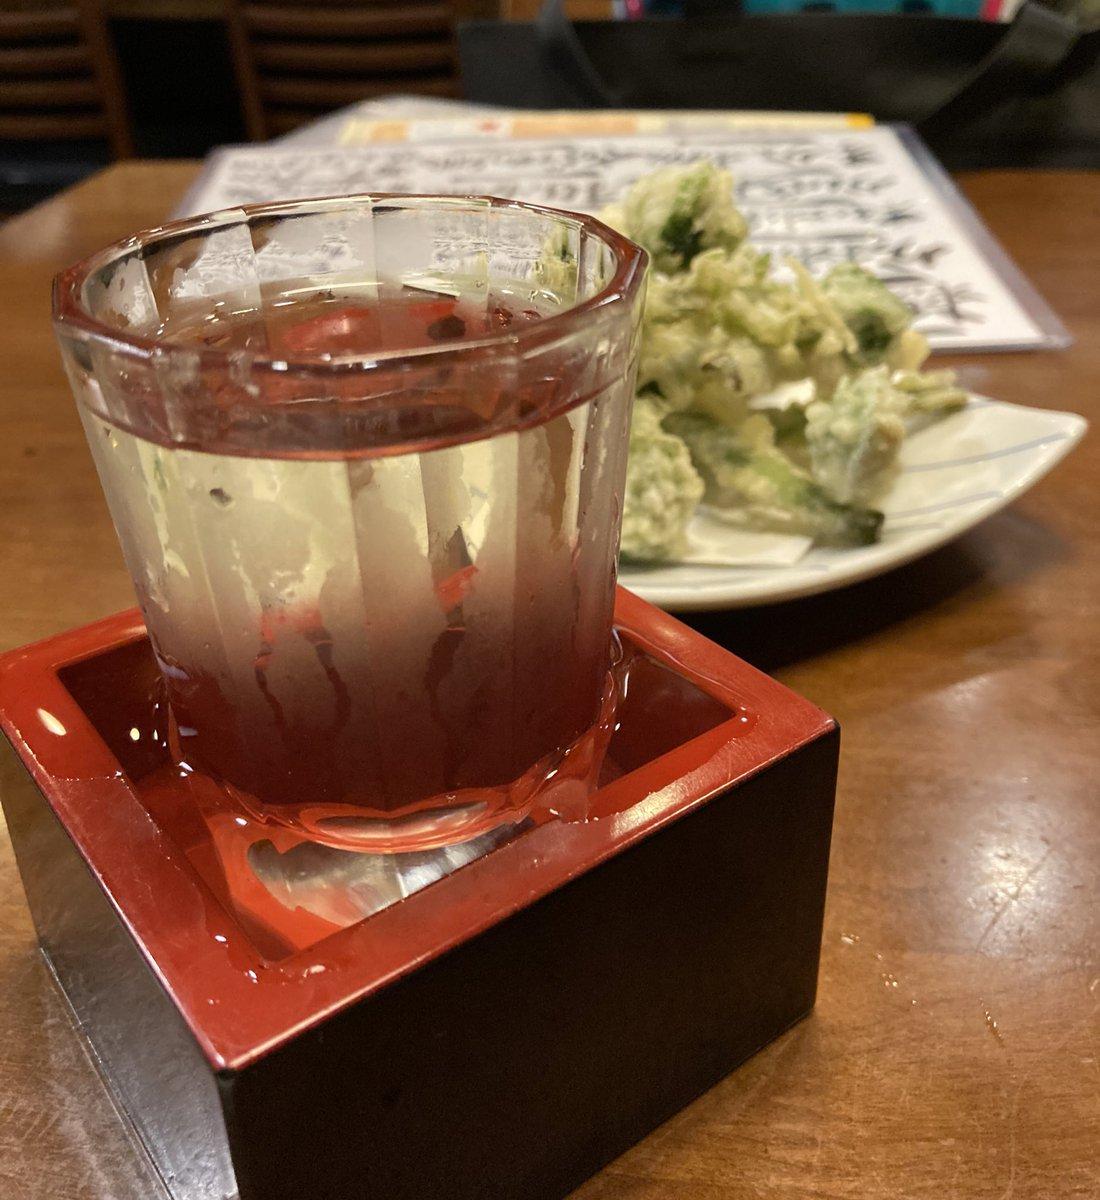 test ツイッターメディア - 残草蓬莱(神奈川)、こごみ天。こごみも山椒の芽も美味しいよなぁ。 https://t.co/V8WHOr1eQg